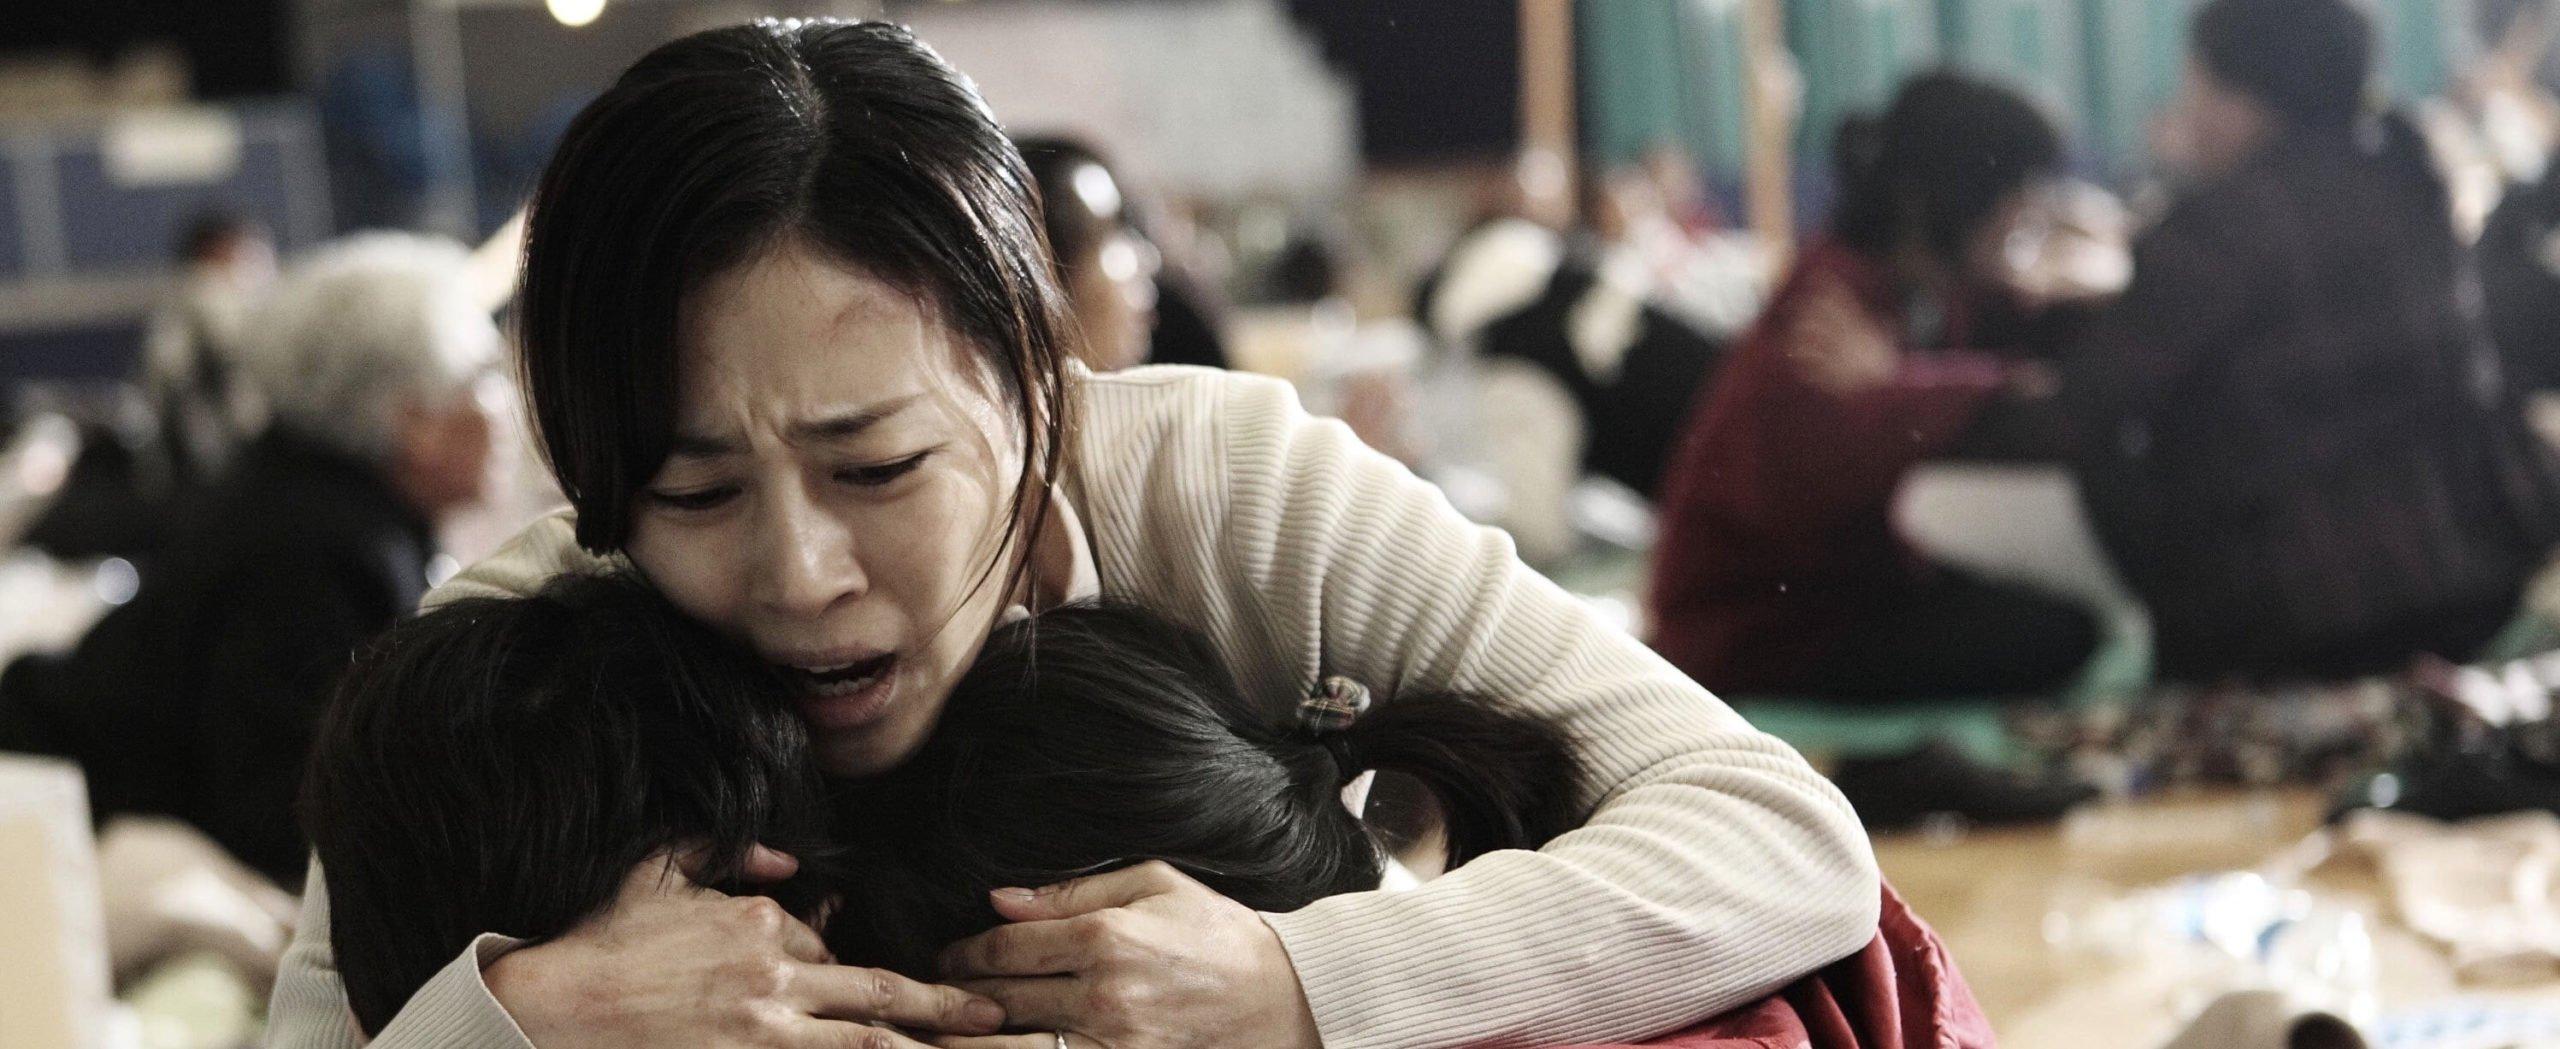 Eine Mutter kniet vor ihren Kindern und unarmt sie. Ihr Gesicht ist verzweifelt